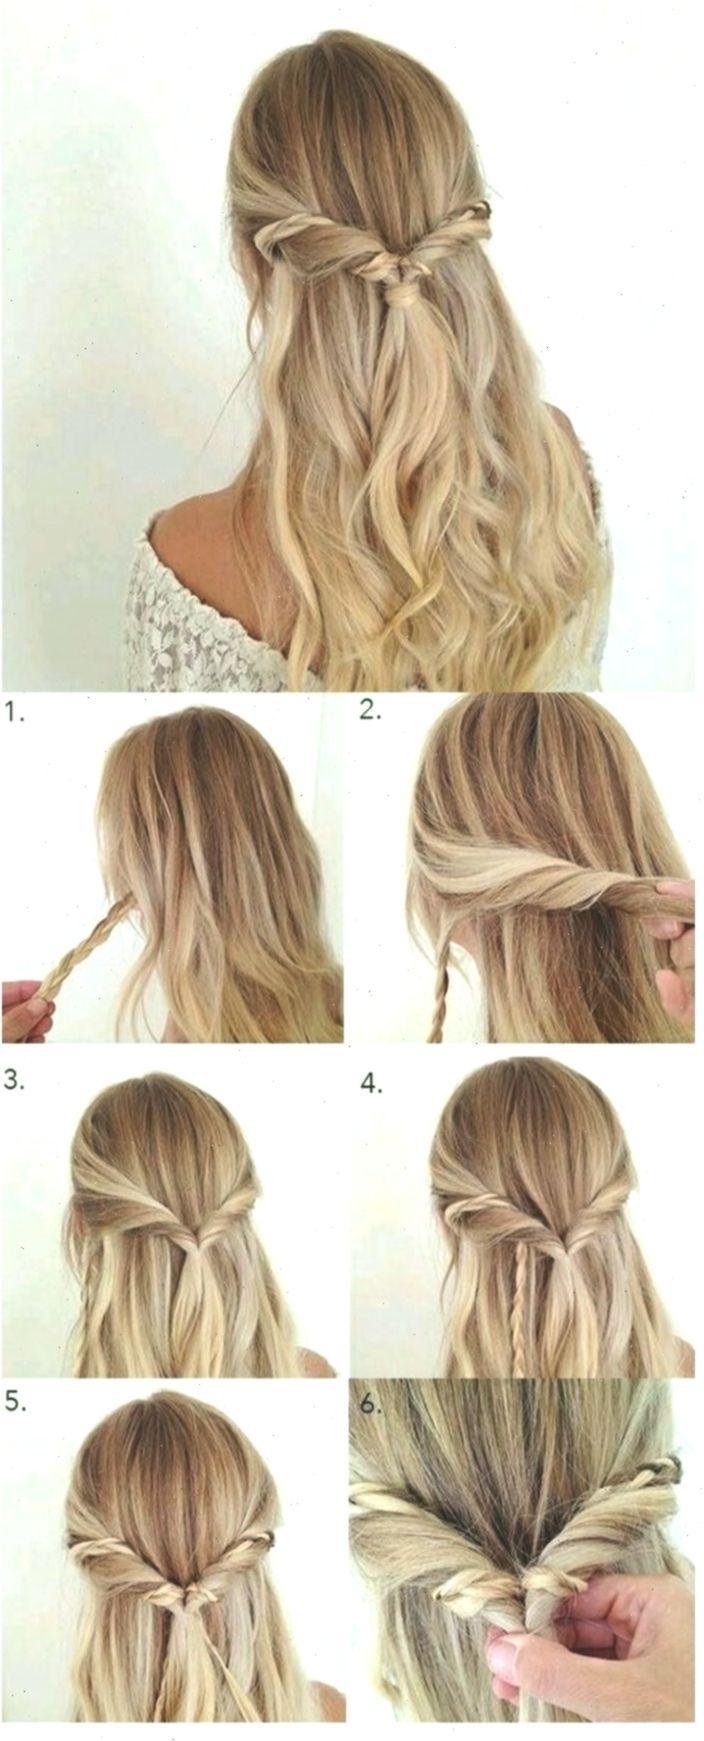 Einfache Frisuren Zum Selber Machen Einfache Frisuren Machen Selber Frisuren Einfache Frisuren Frisurenfle In 2020 Hair Styles Light Brown Hair Hair Highlights